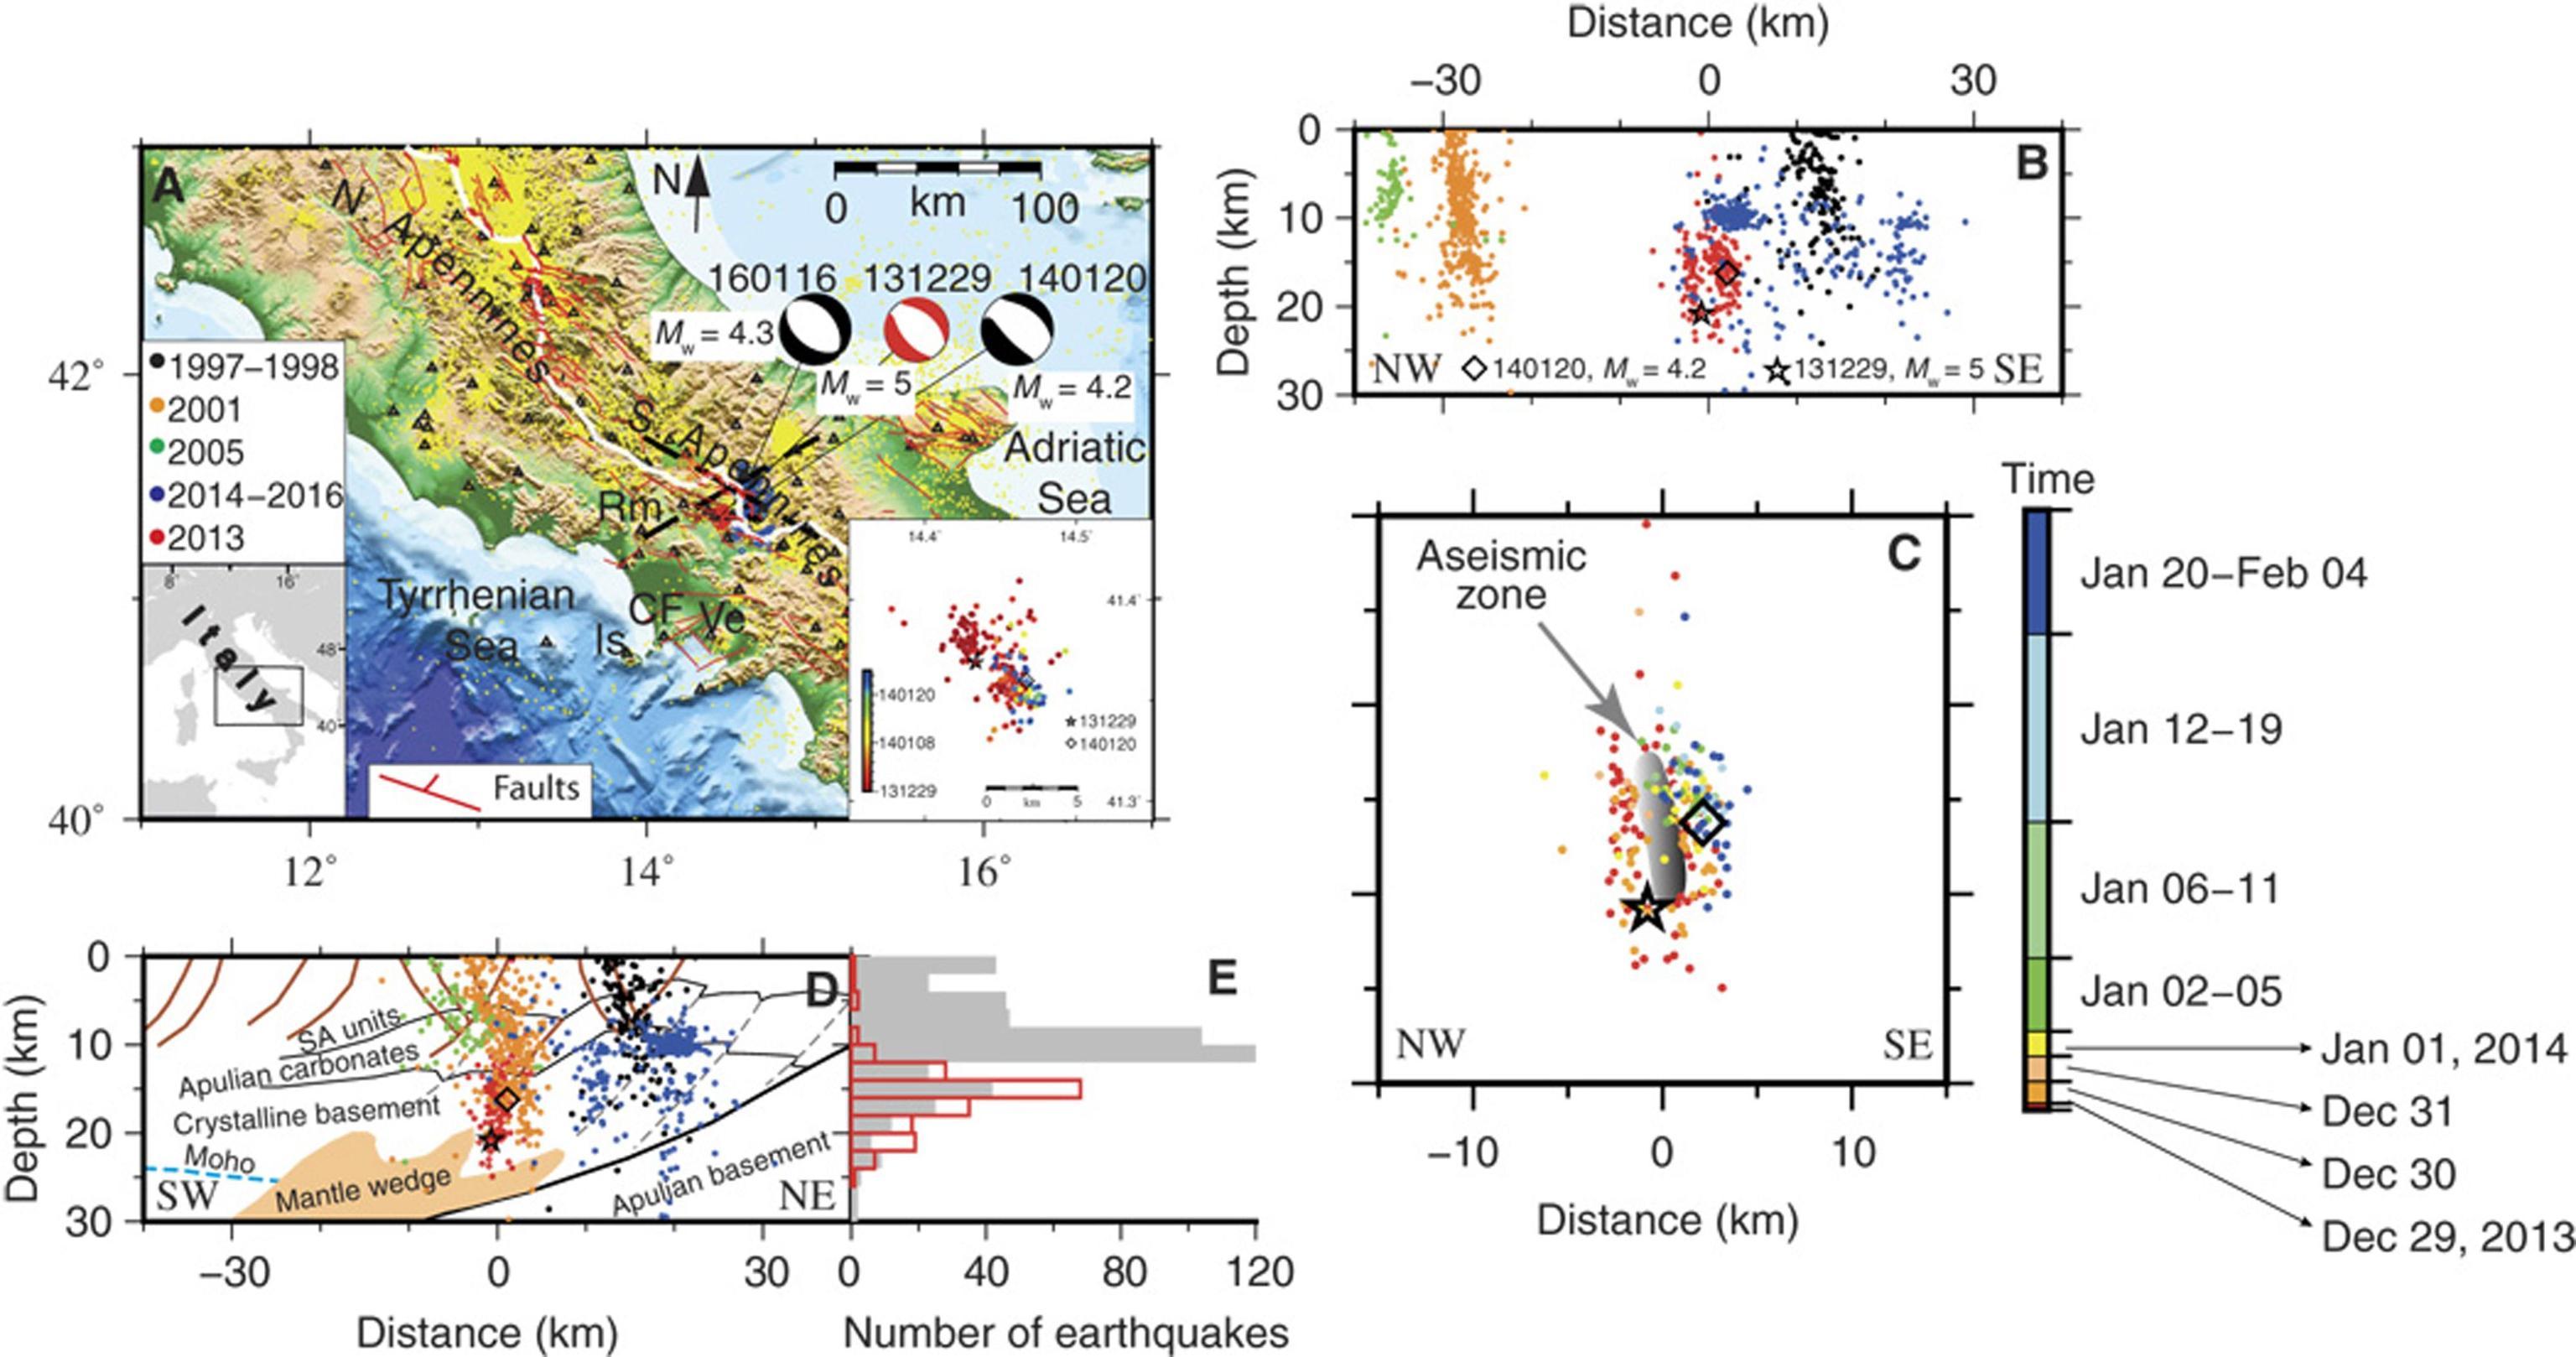 Terremoti: scoperta sorgente di magma sotto l'Appennino